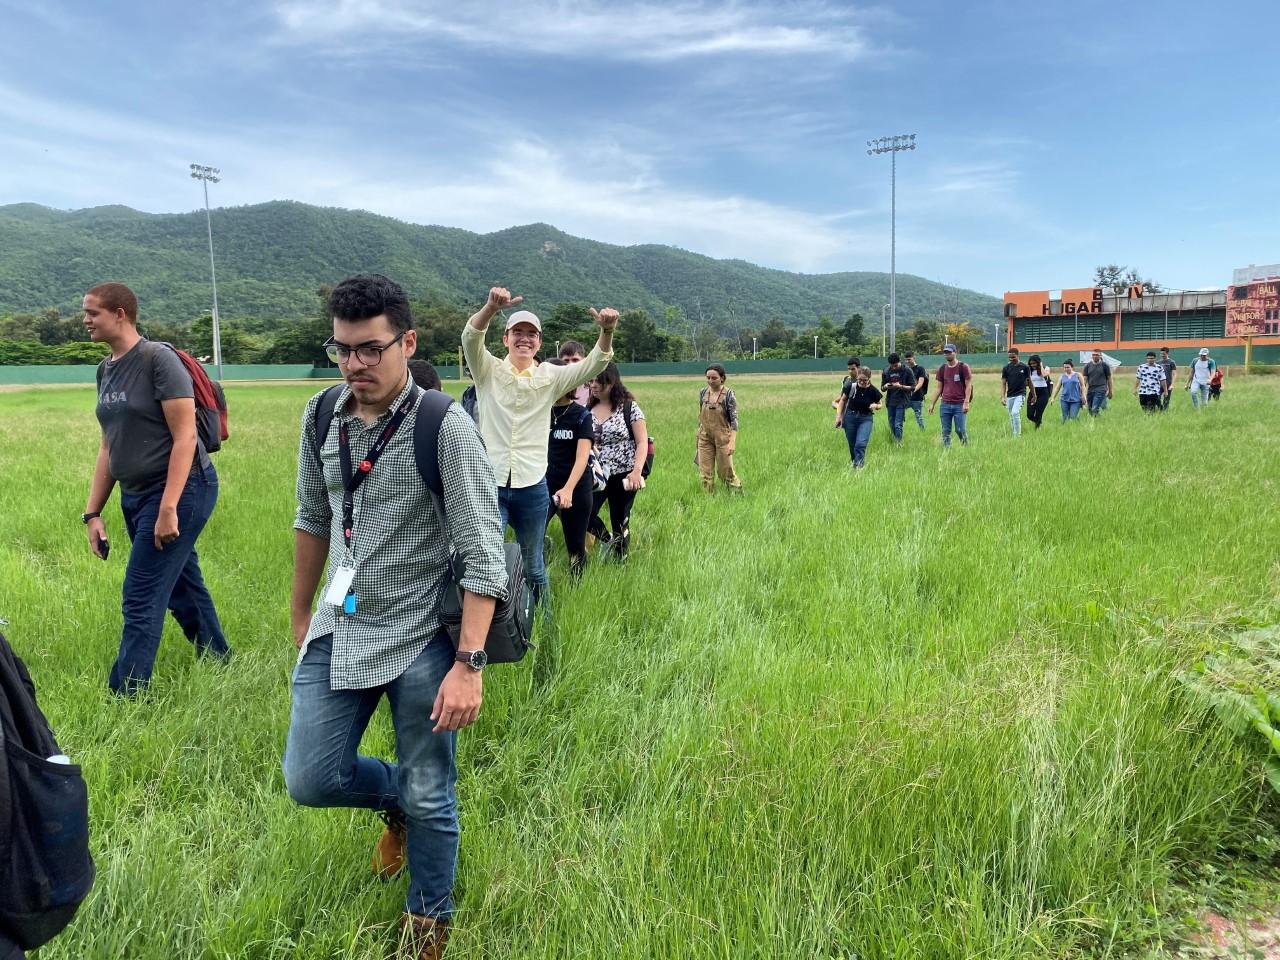 Students walking in a grass field